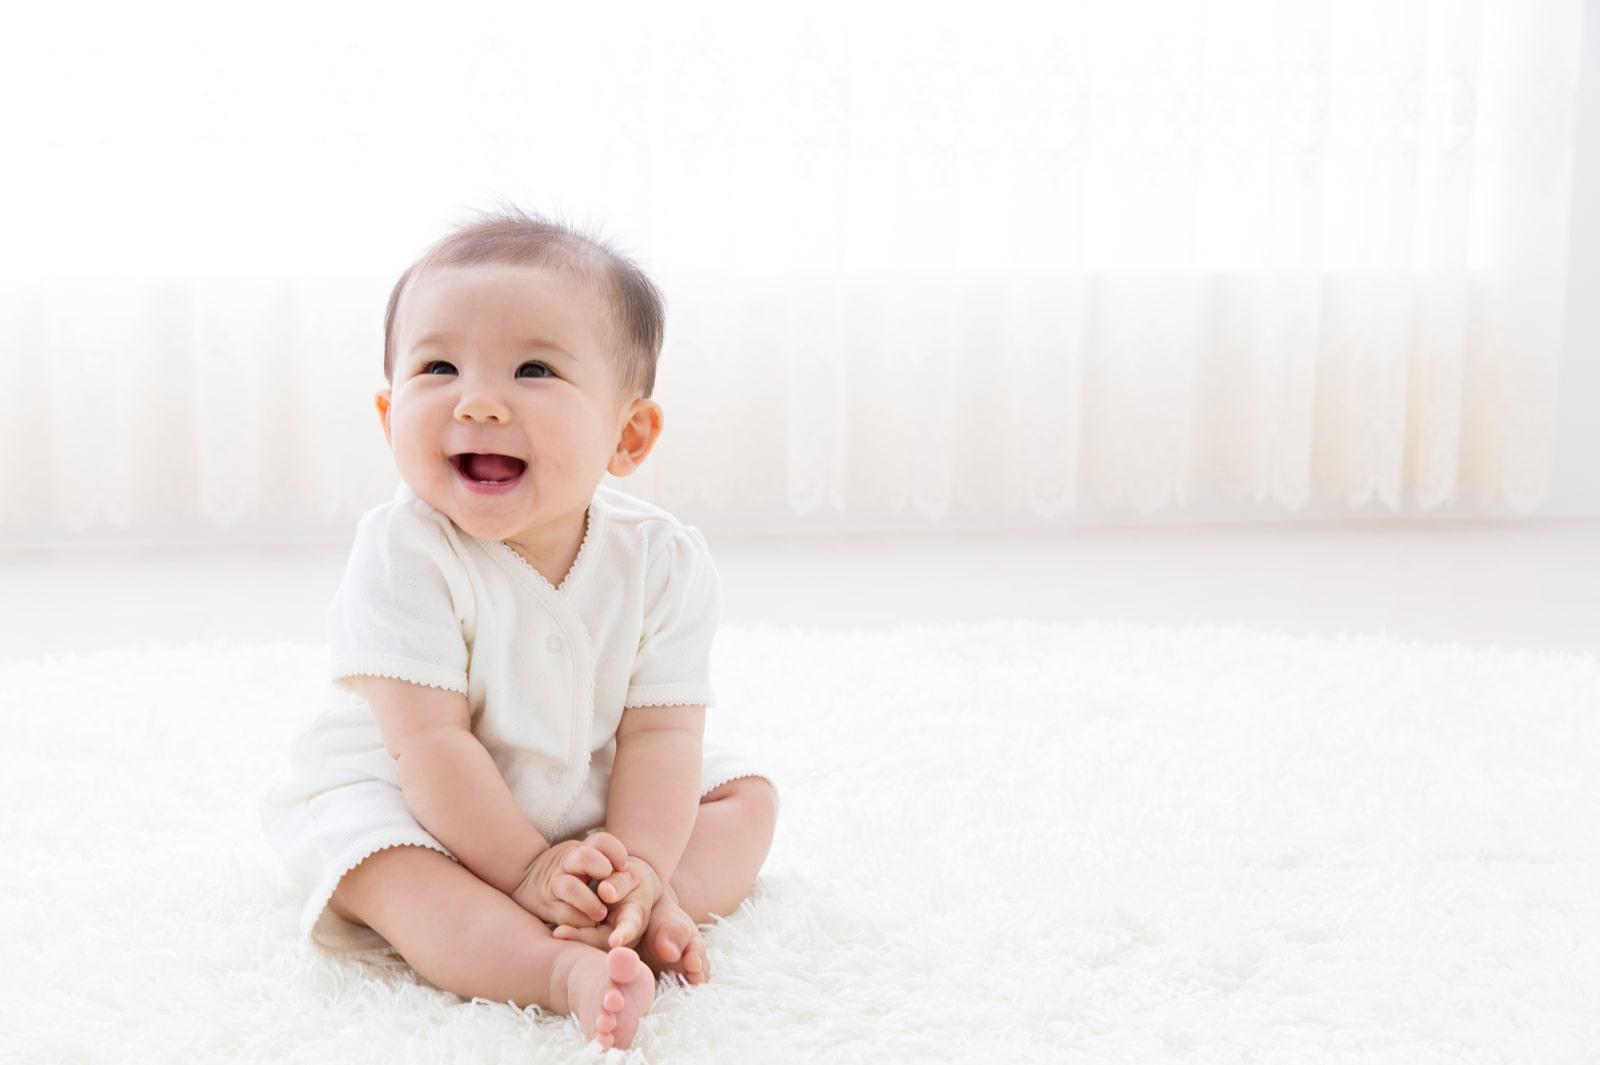 5-tanda-bayi-sehat-dan-perkembangan-tubuhnya-normal.jpg